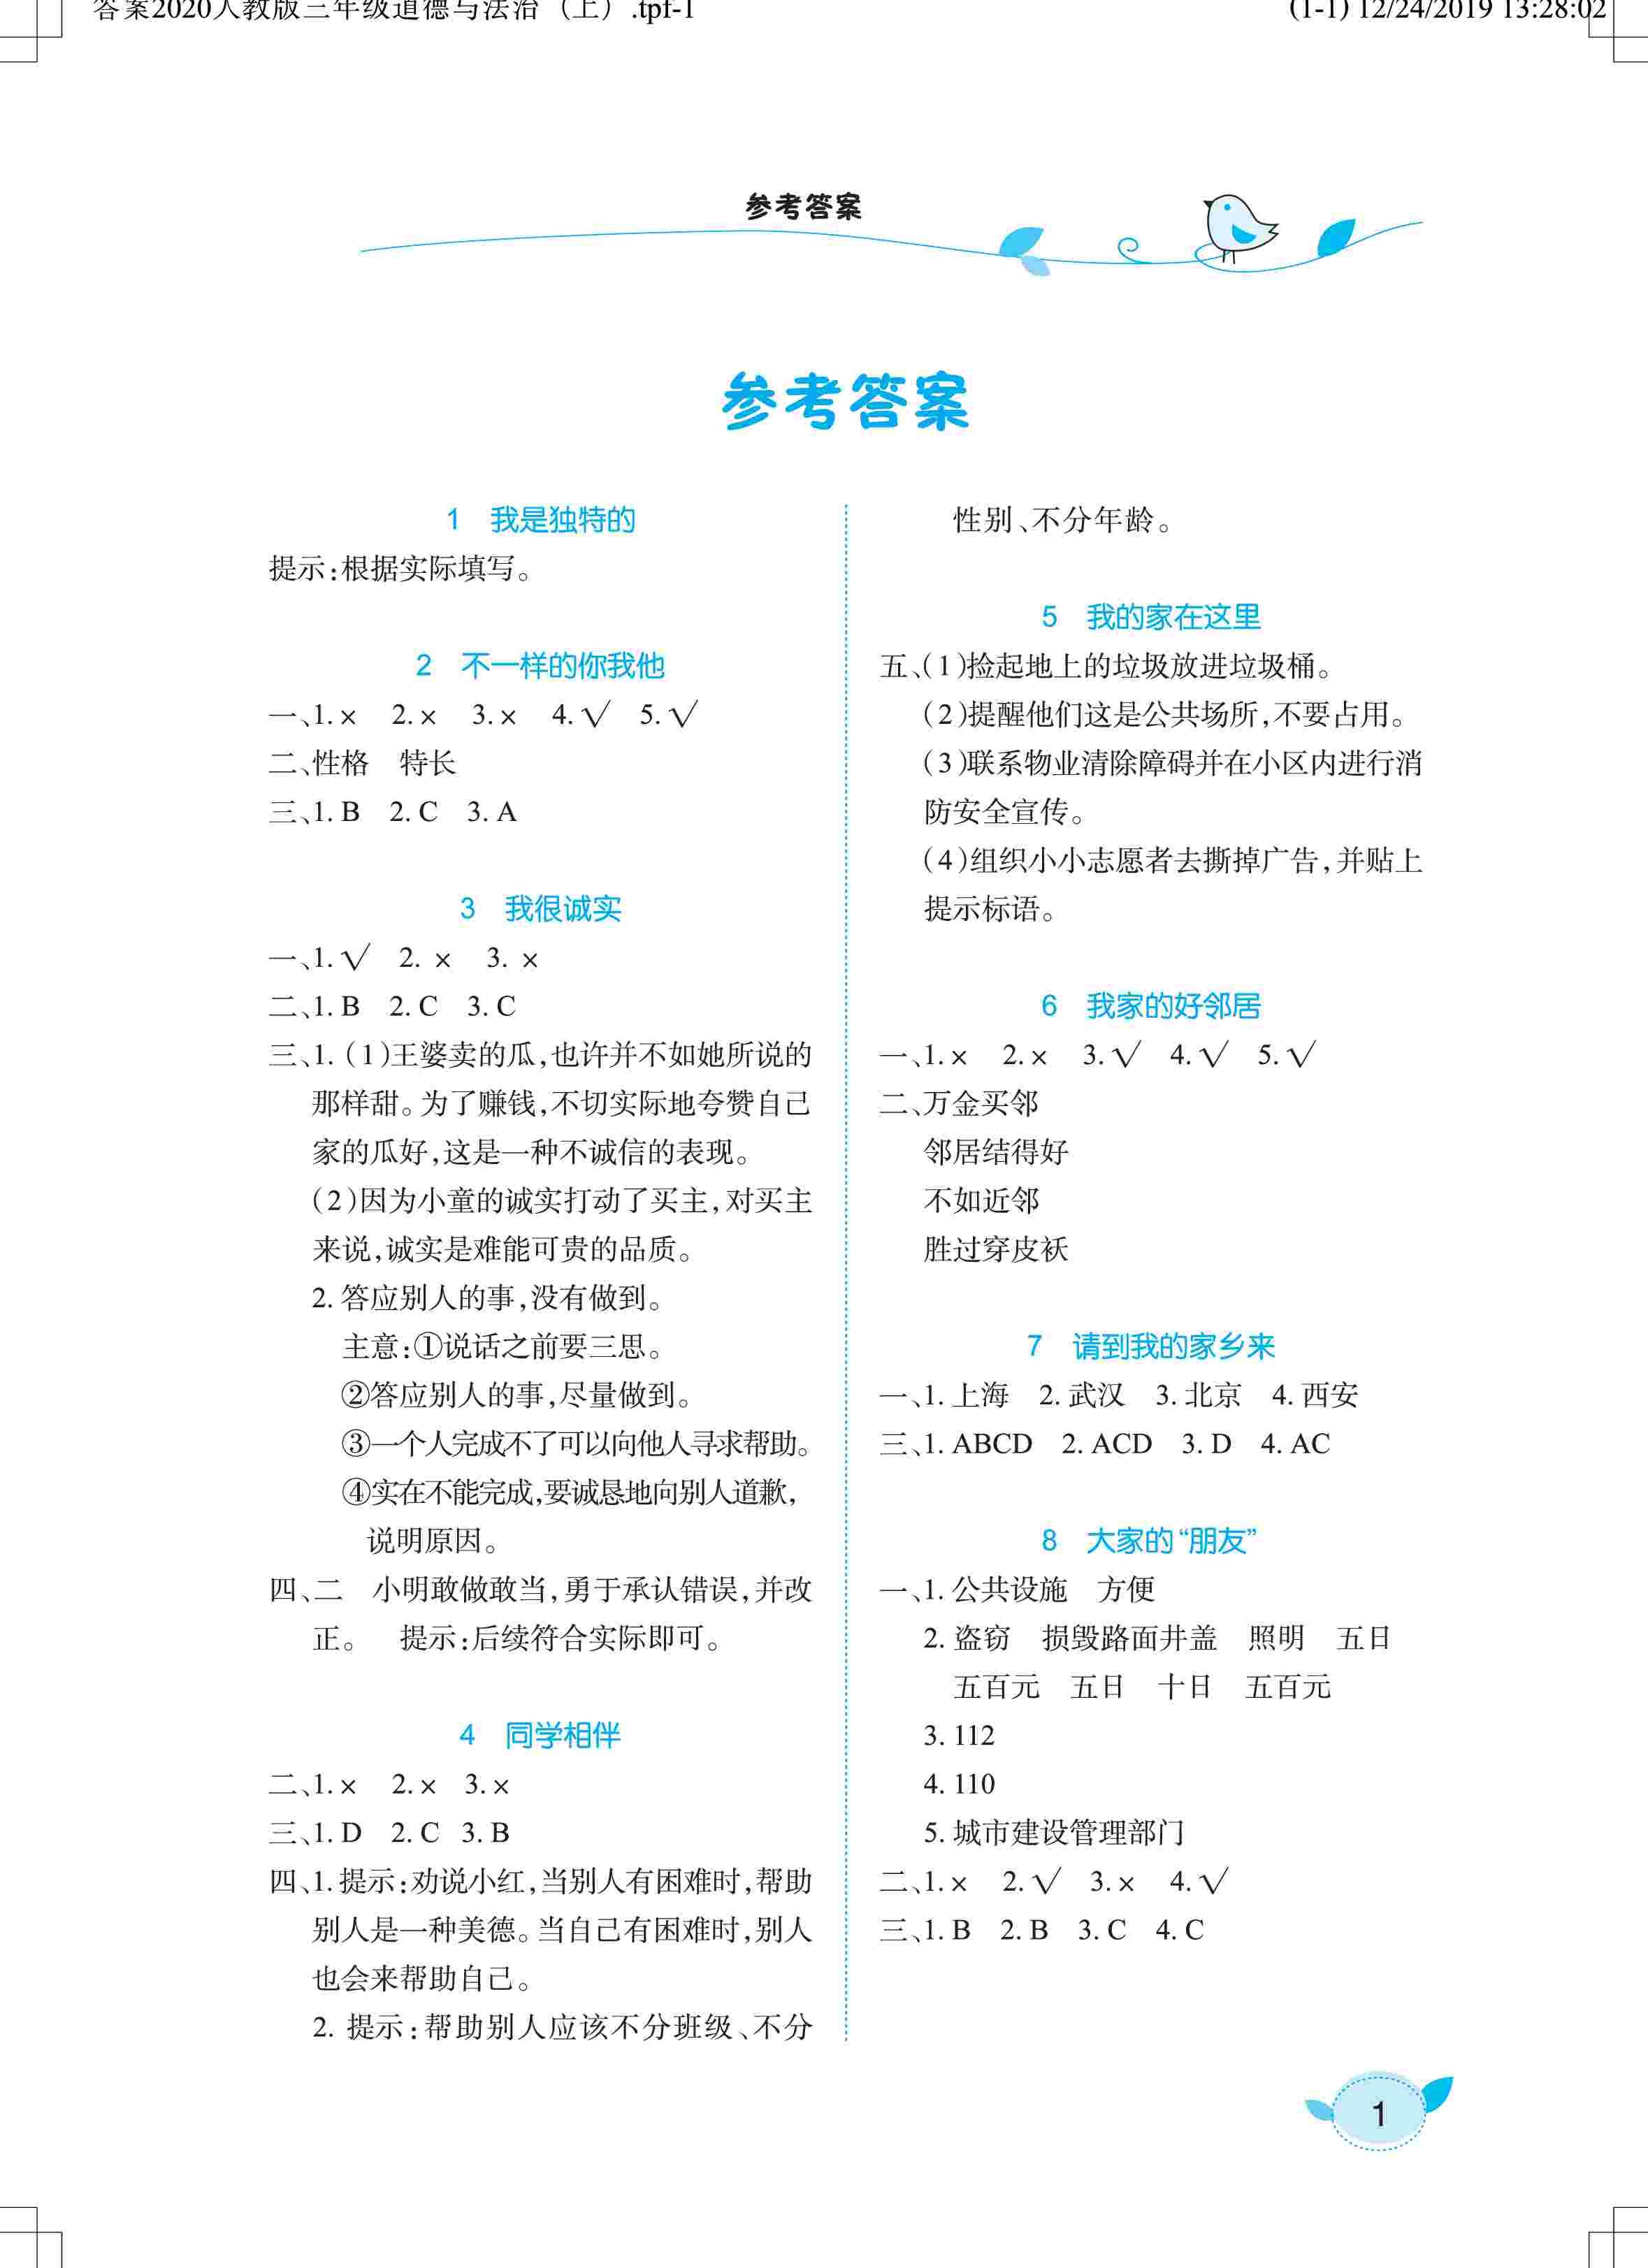 2020年长江作业本课堂作业 道德与法治 3下(人教版)第1页